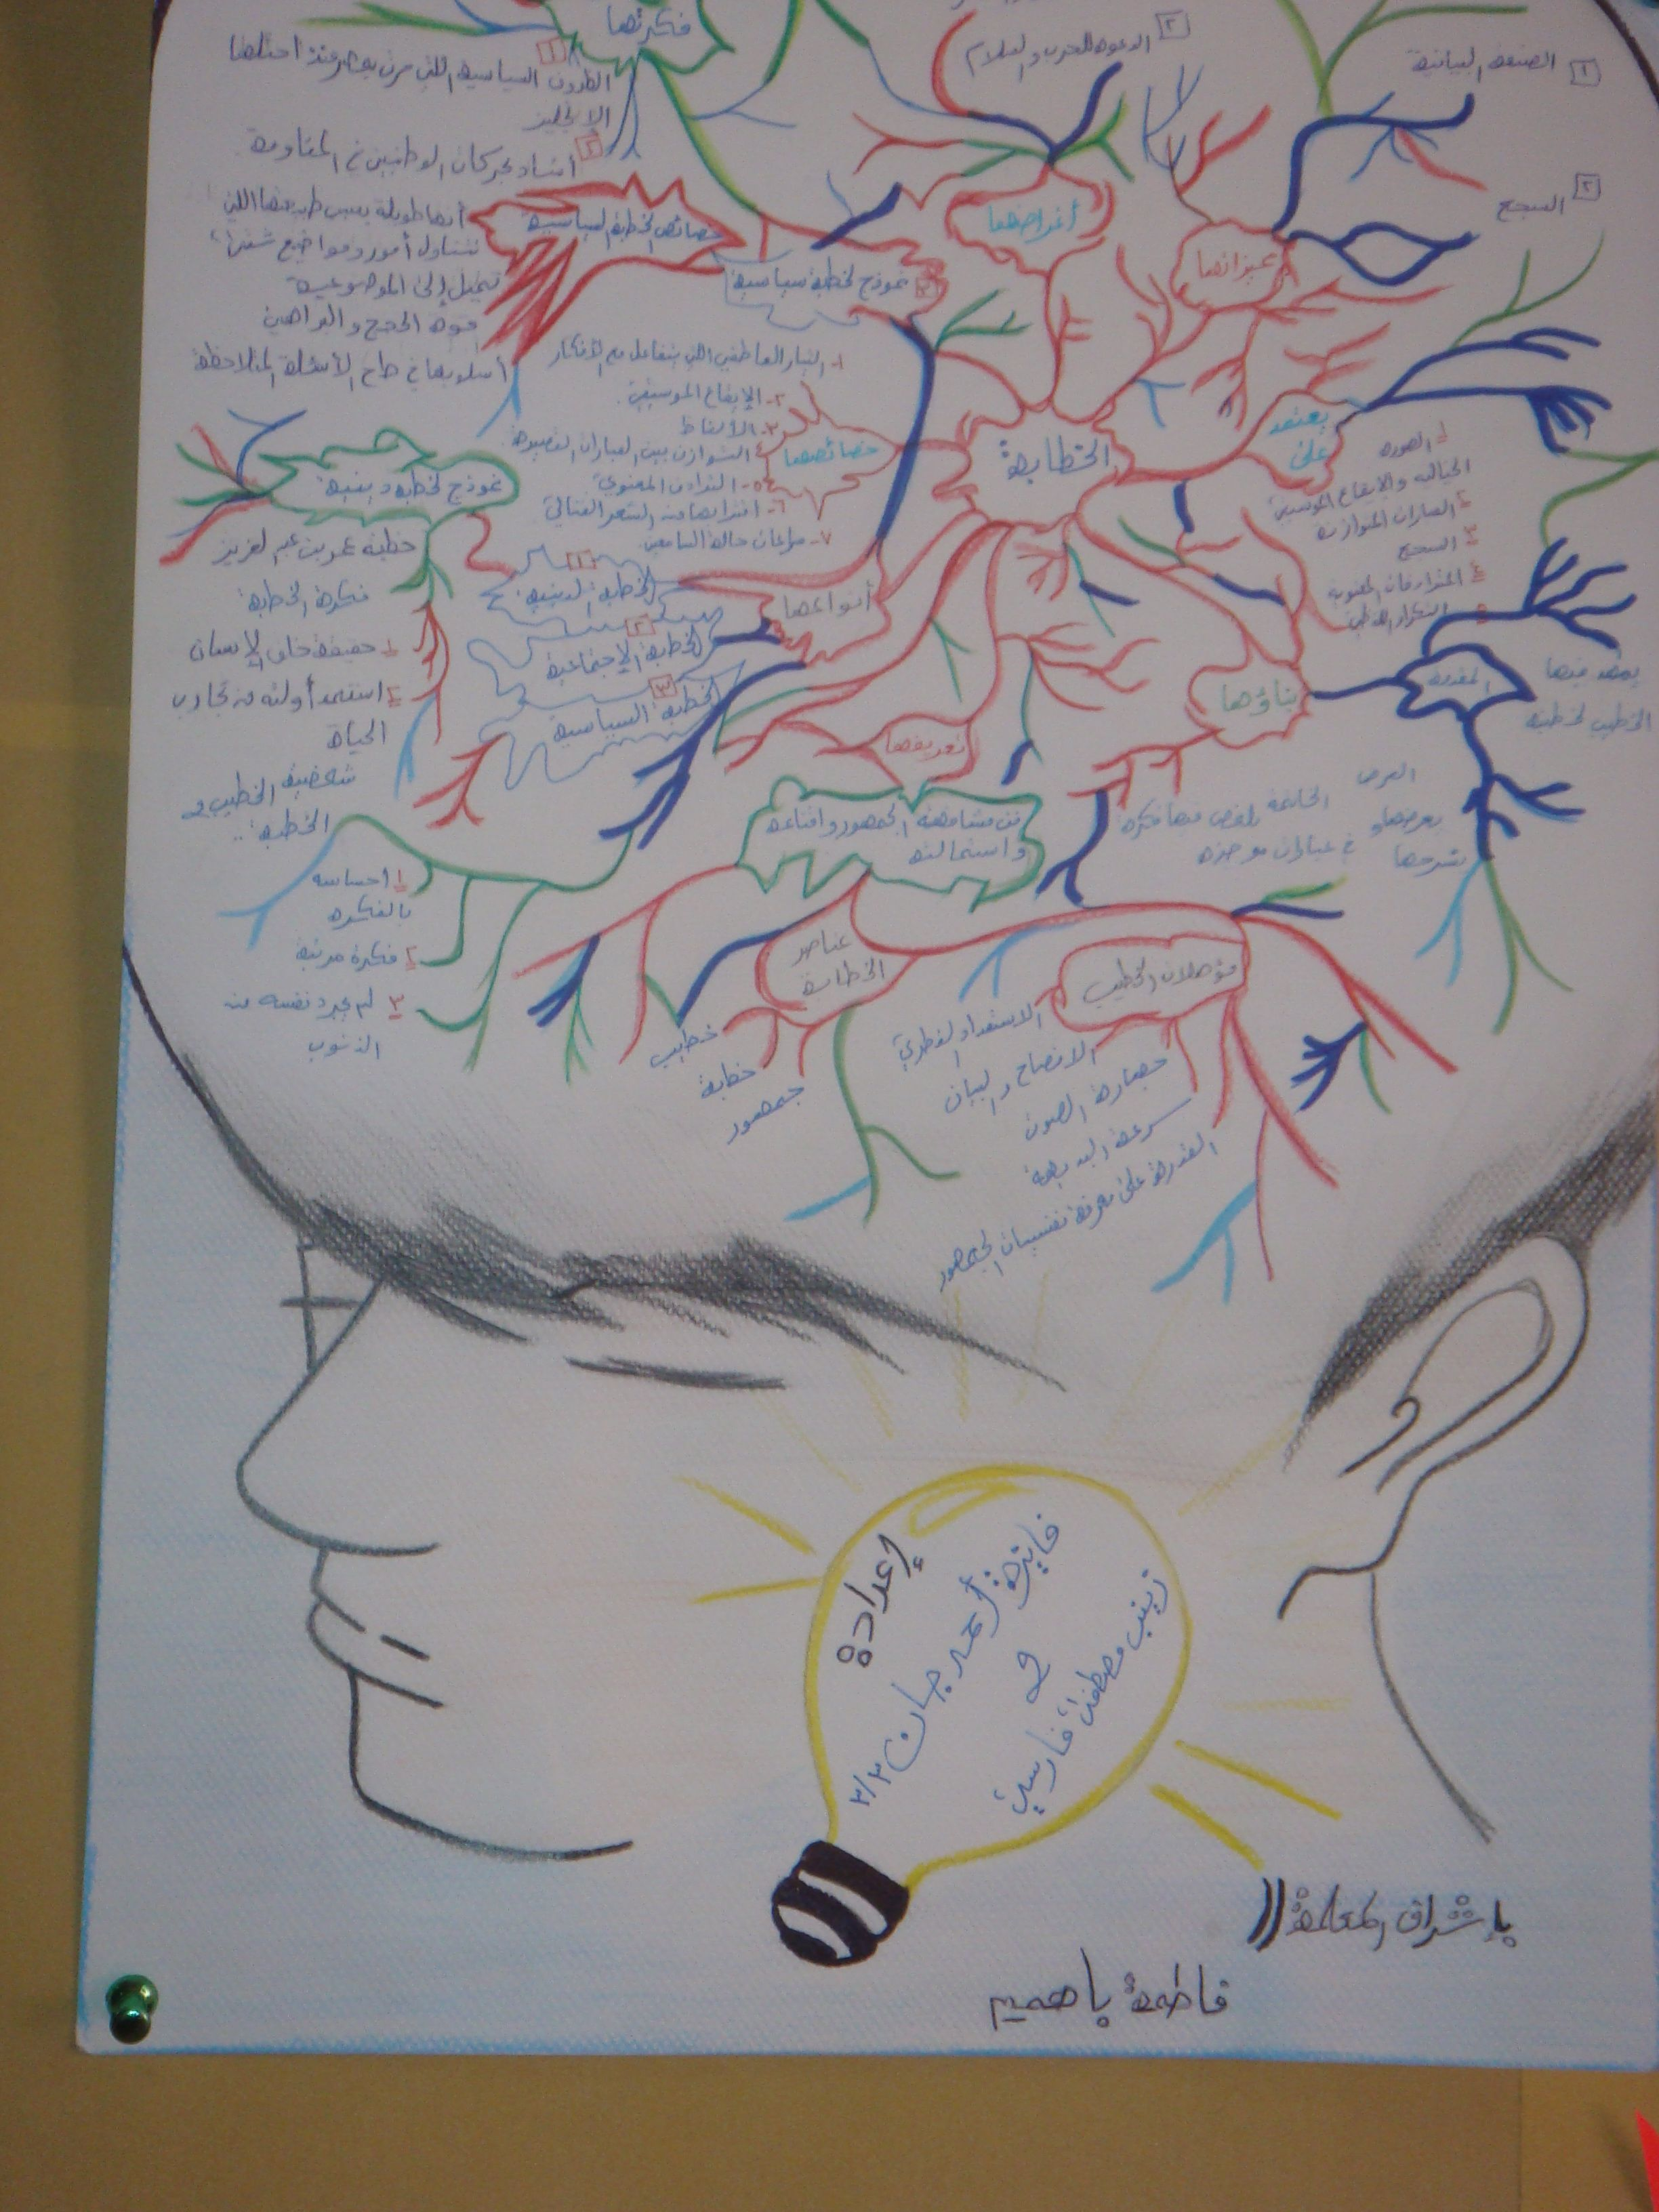 خريطة ذهنية جذابة لطالبات الصف الثالث Sketches Design Thinking Smart Kids